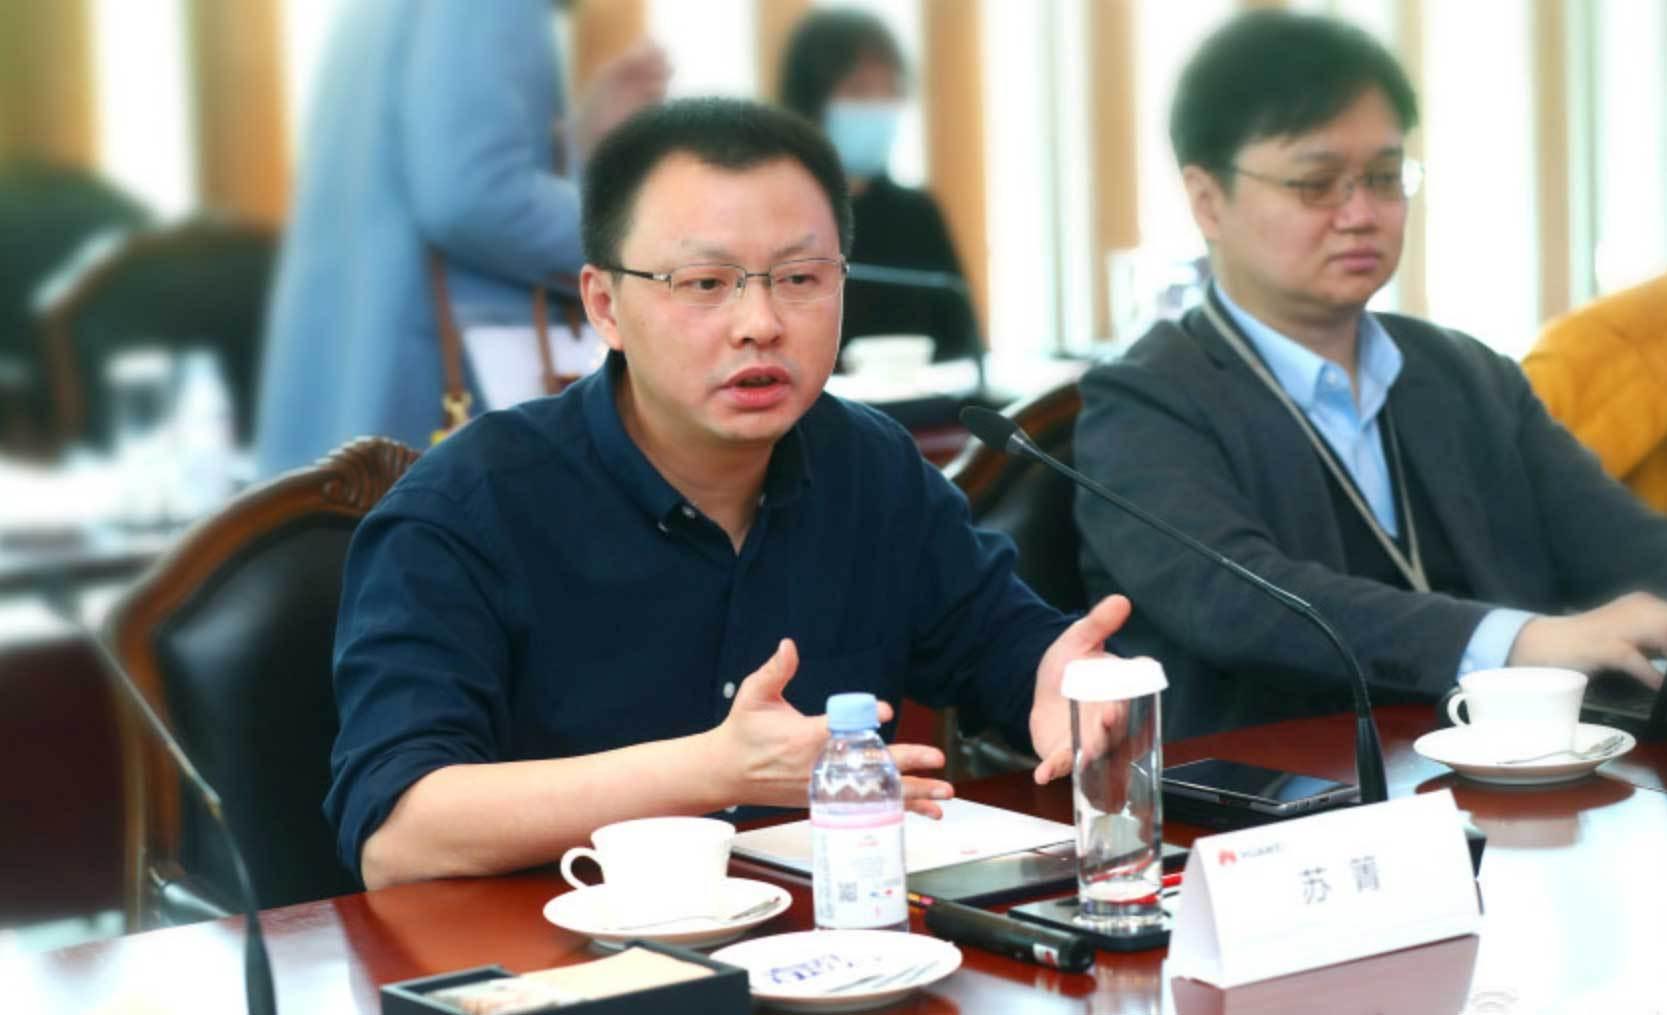 华为智能驾驶业务总裁苏箐遭免职 因针对特斯拉发布不当言论